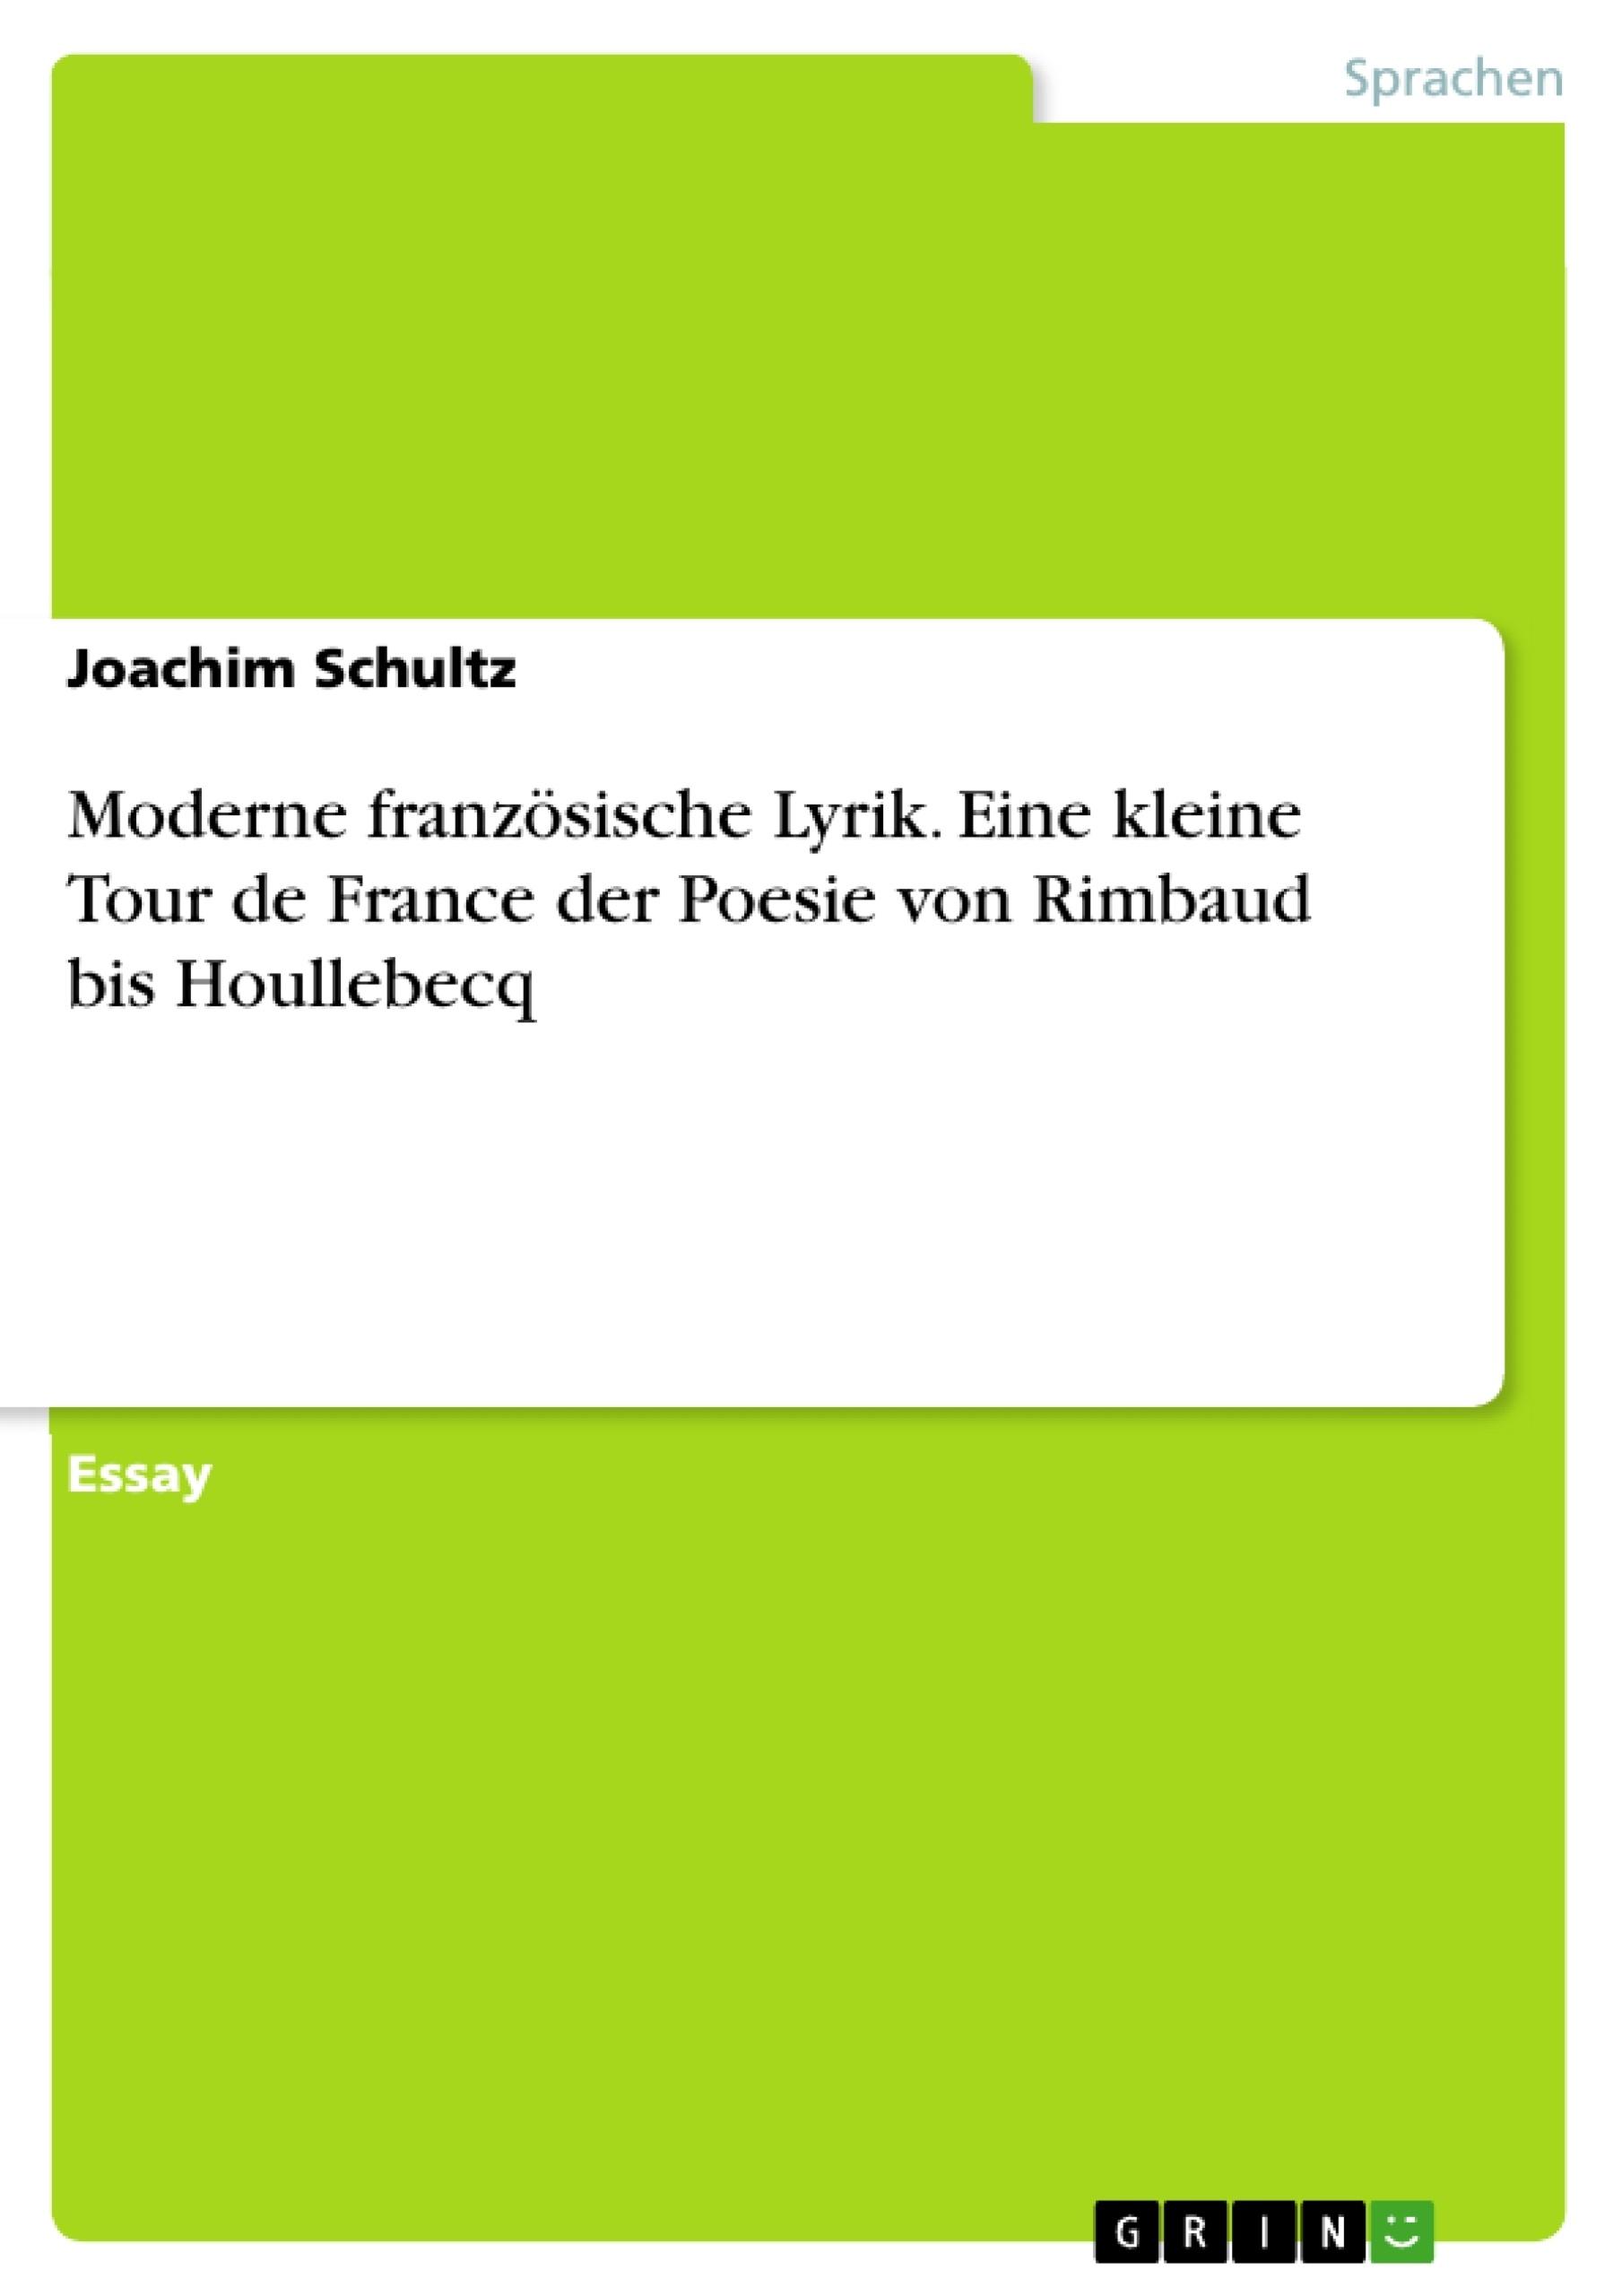 Titel: Moderne französische Lyrik. Eine kleine Tour de France der Poesie von Rimbaud bis Houllebecq